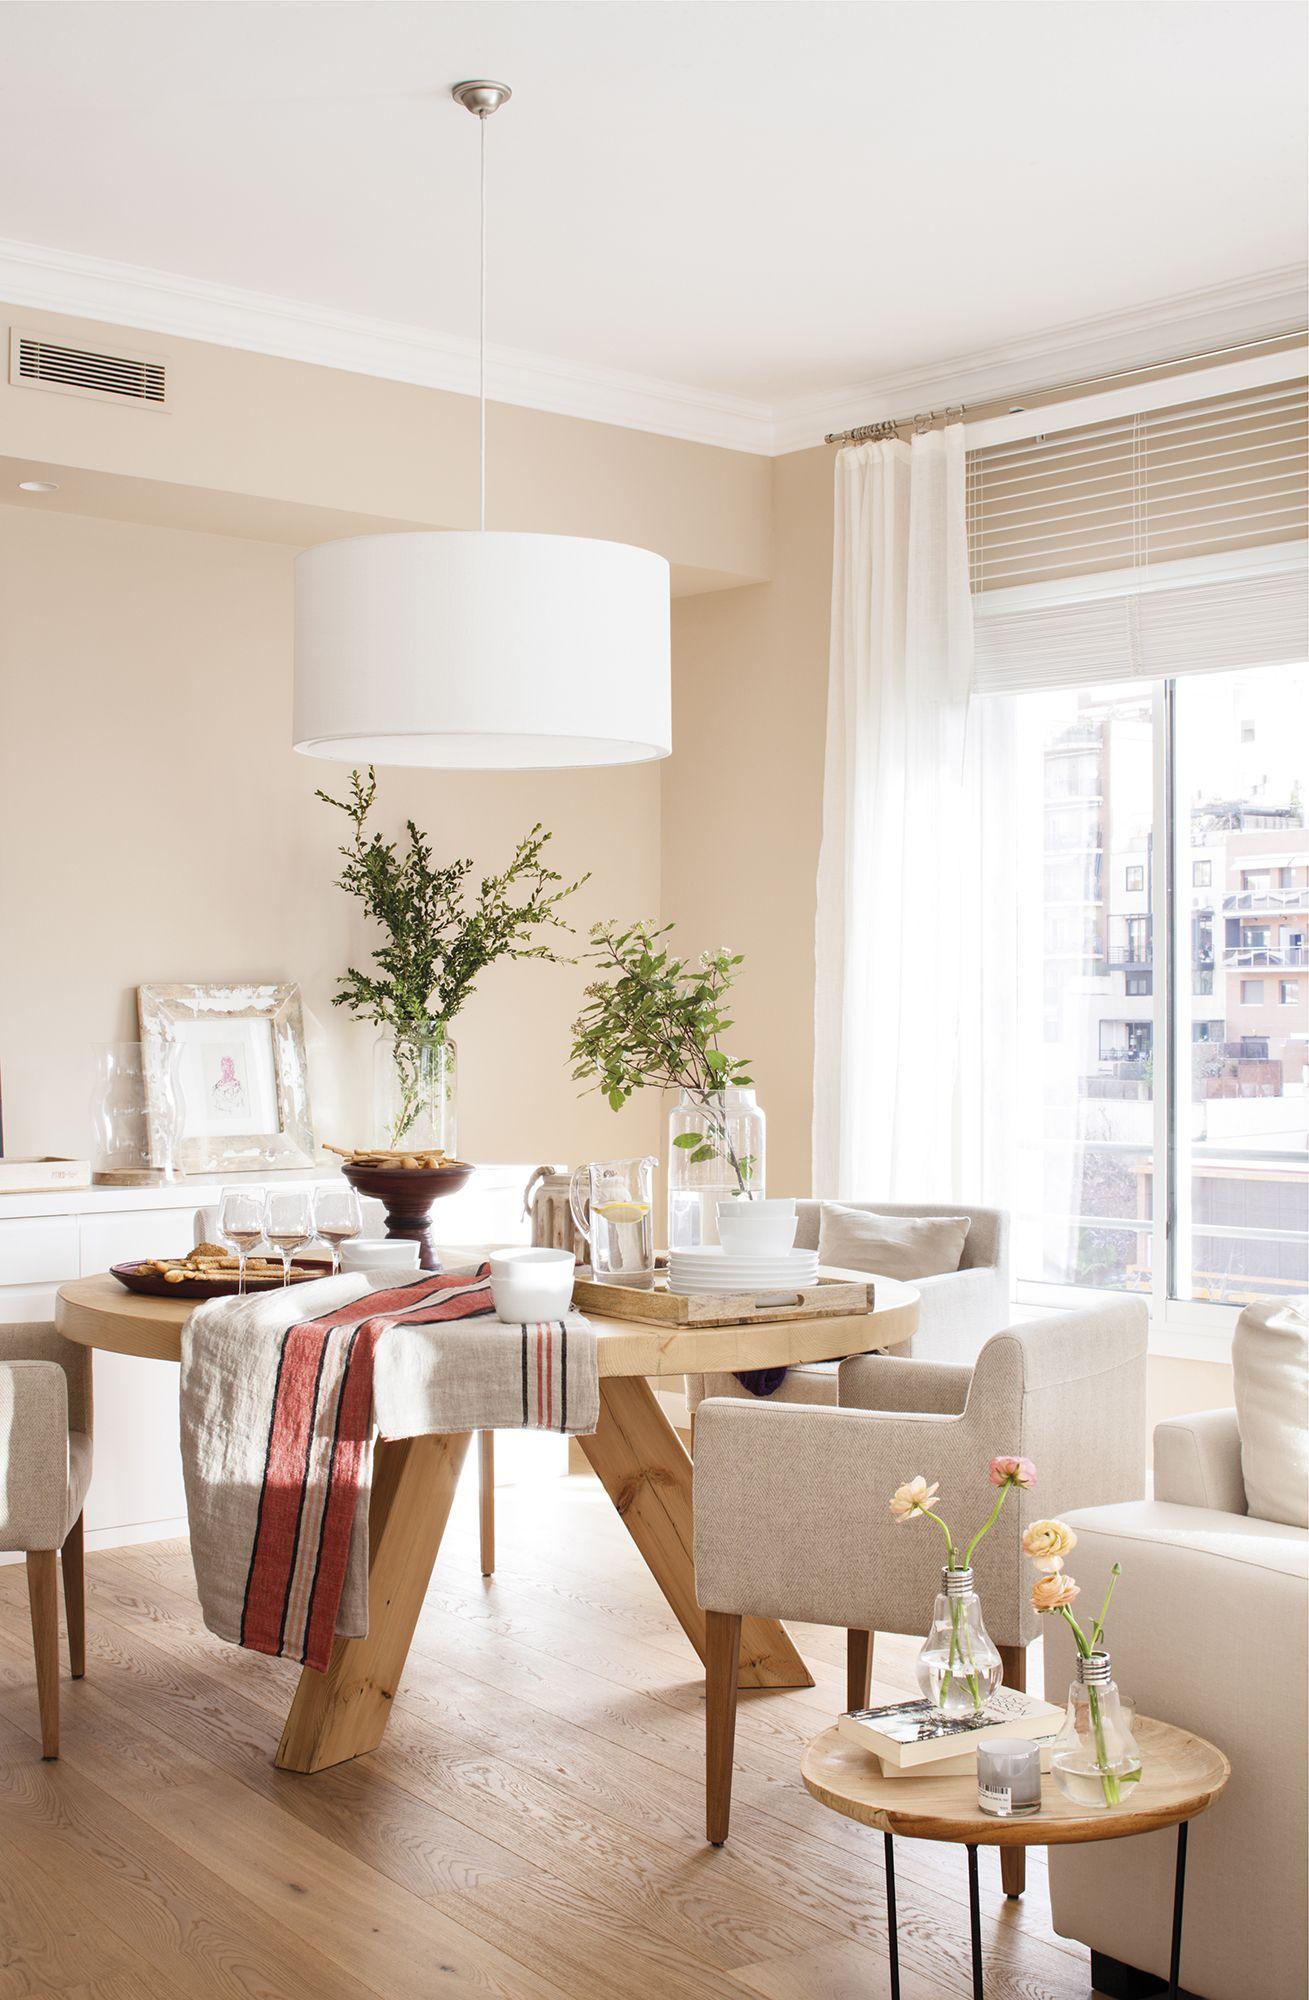 En el comedor en 2019 salones decoraci n de unas - Diseno de salon comedor ...